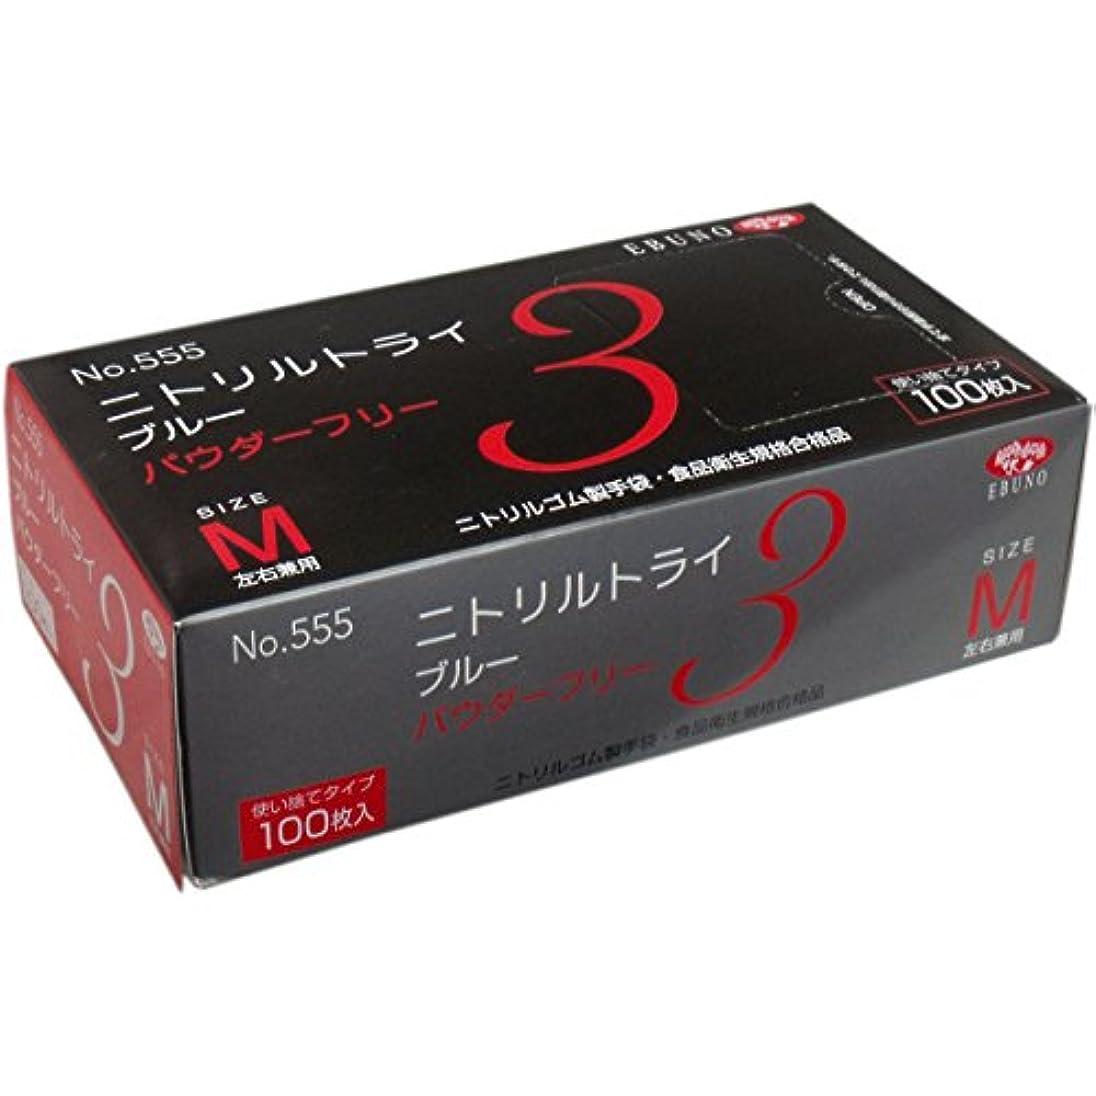 伝導率チャート影のあるニトリルトライ3 手袋 ブルー パウダーフリー Mサイズ 100枚入×10個セット